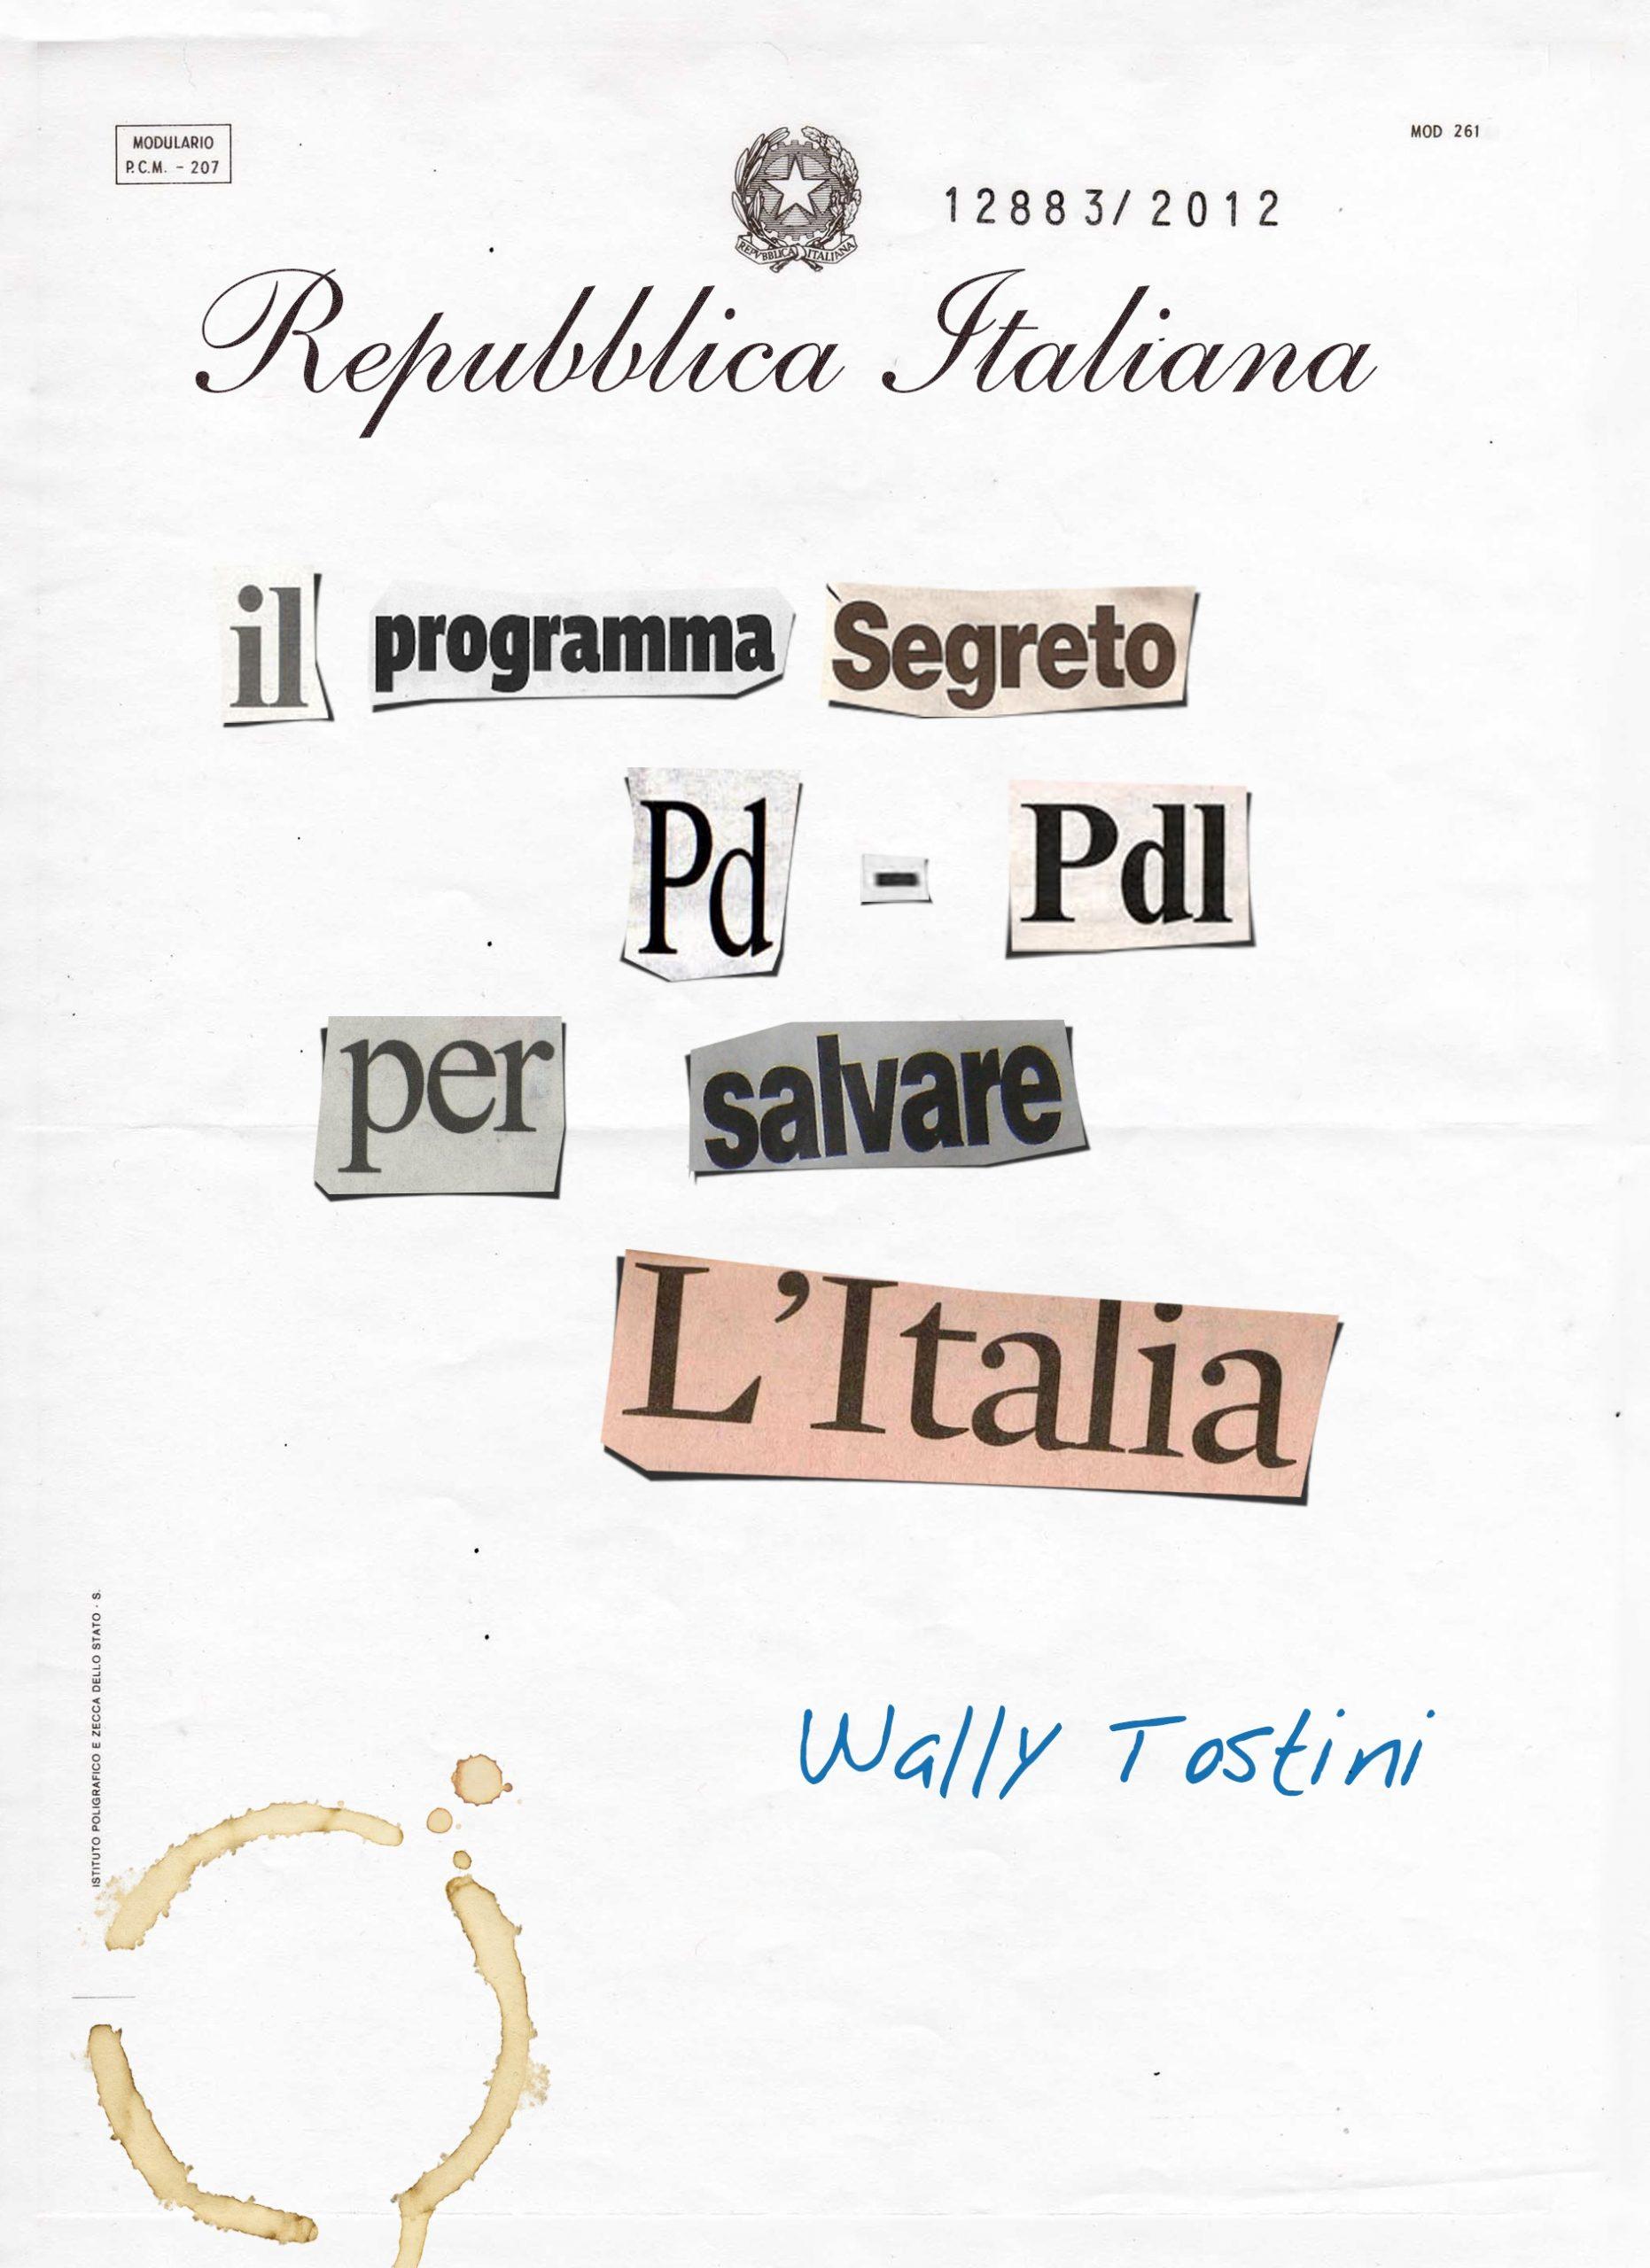 il programma segreto pd -pdl per salvare l'italia